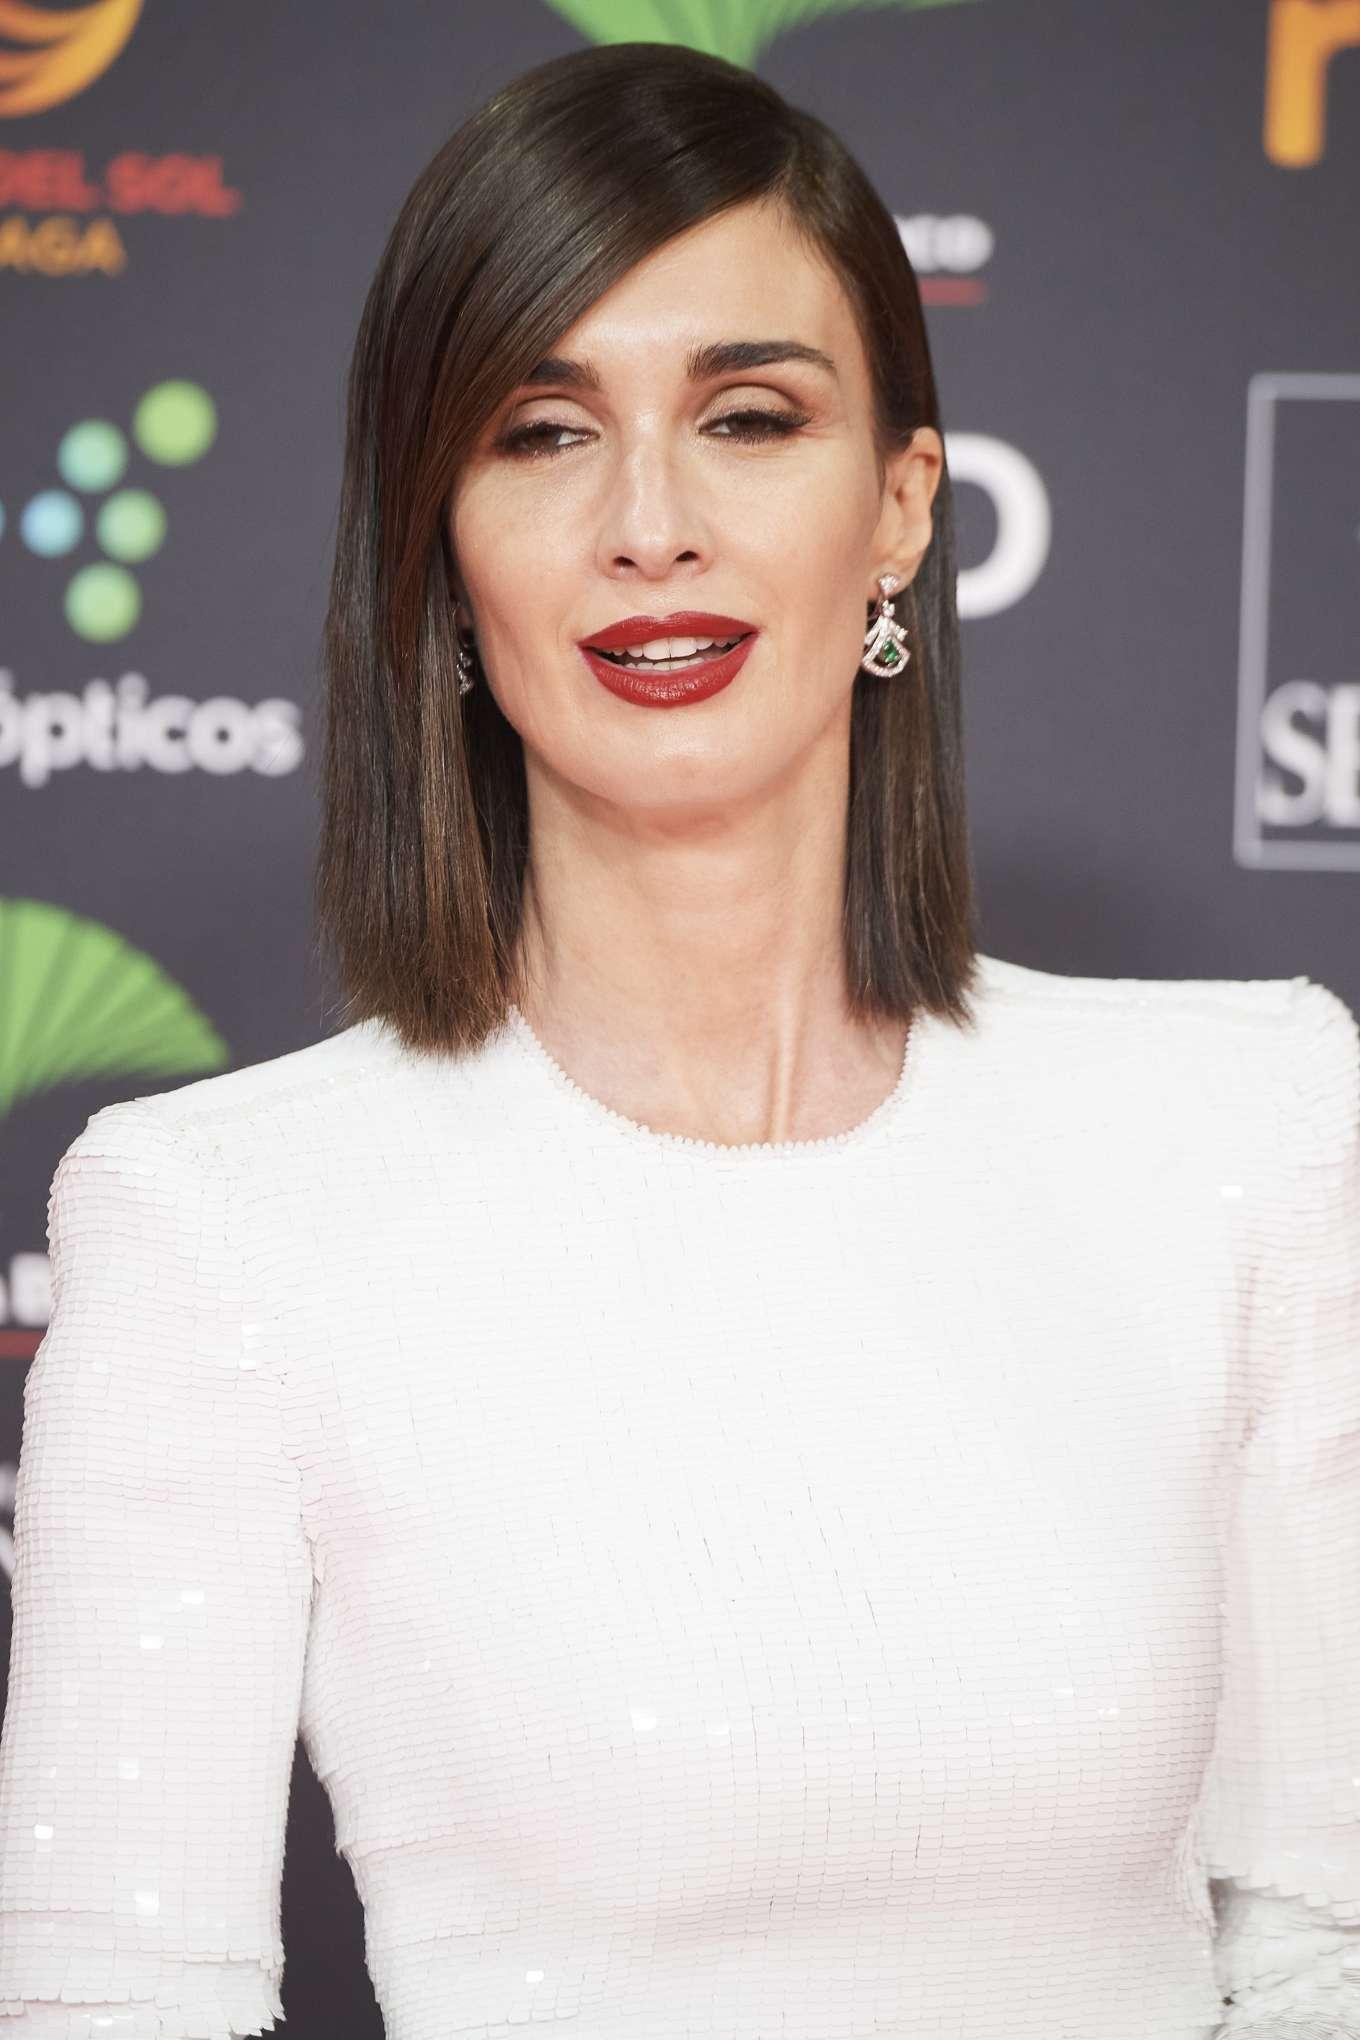 Paz Vega - 34th Goya Cinema Awards in Madrid